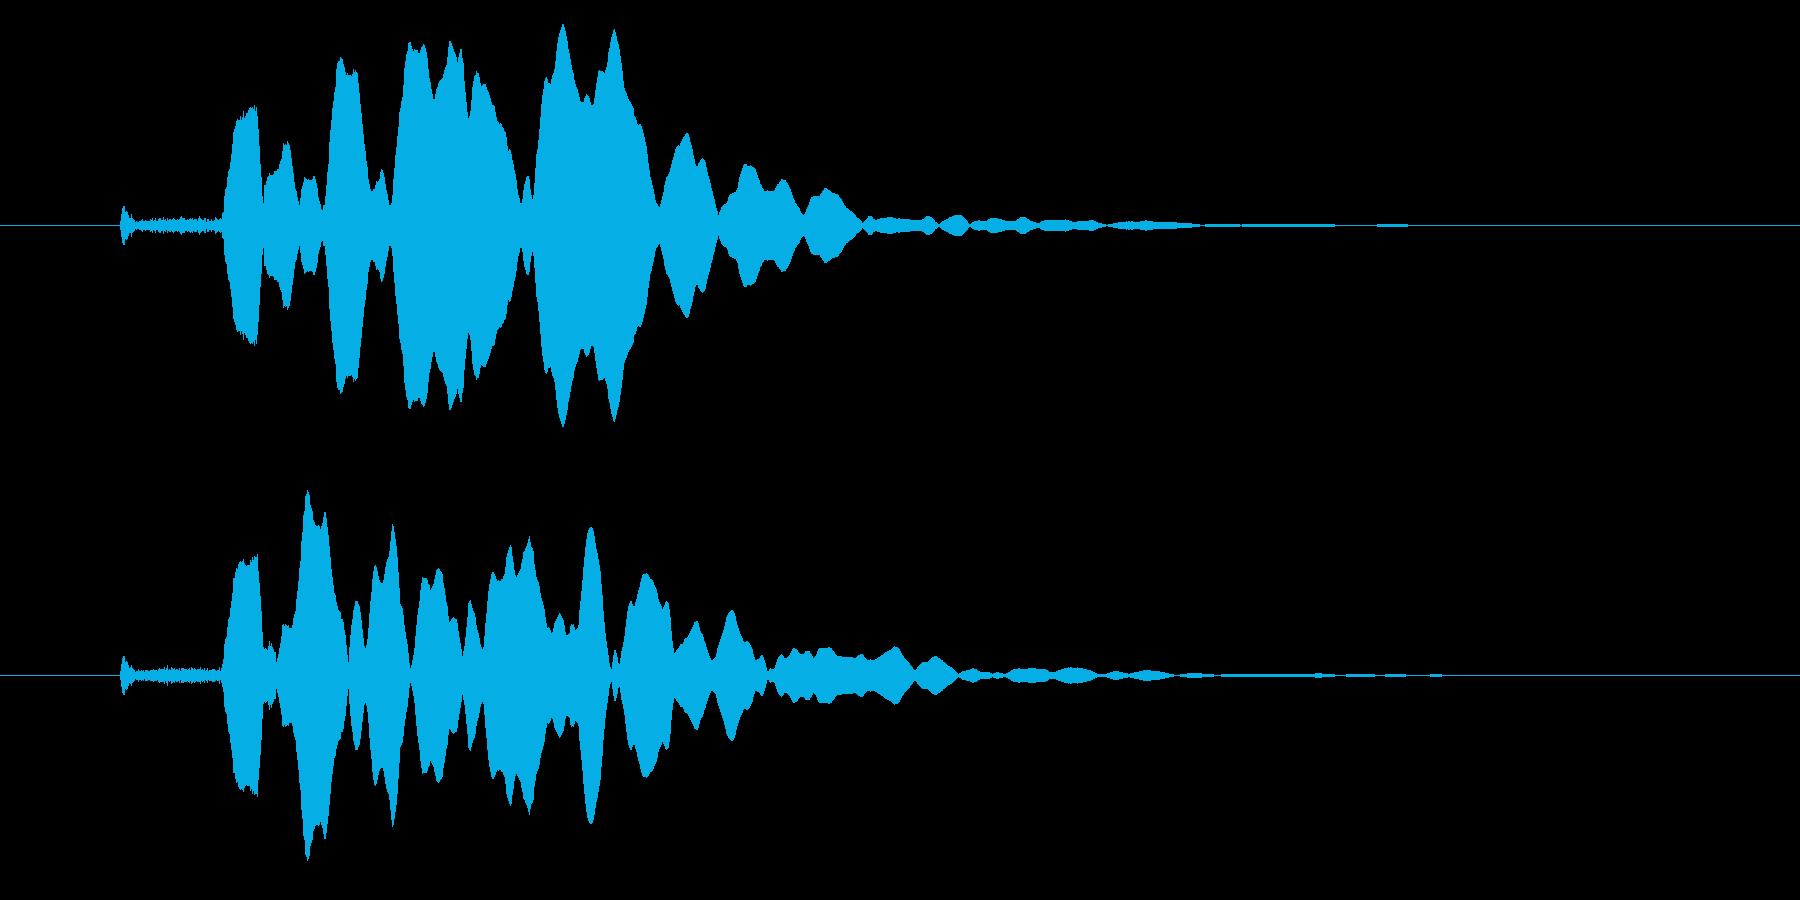 改札 ビープ音01-12(音色1 遠)の再生済みの波形